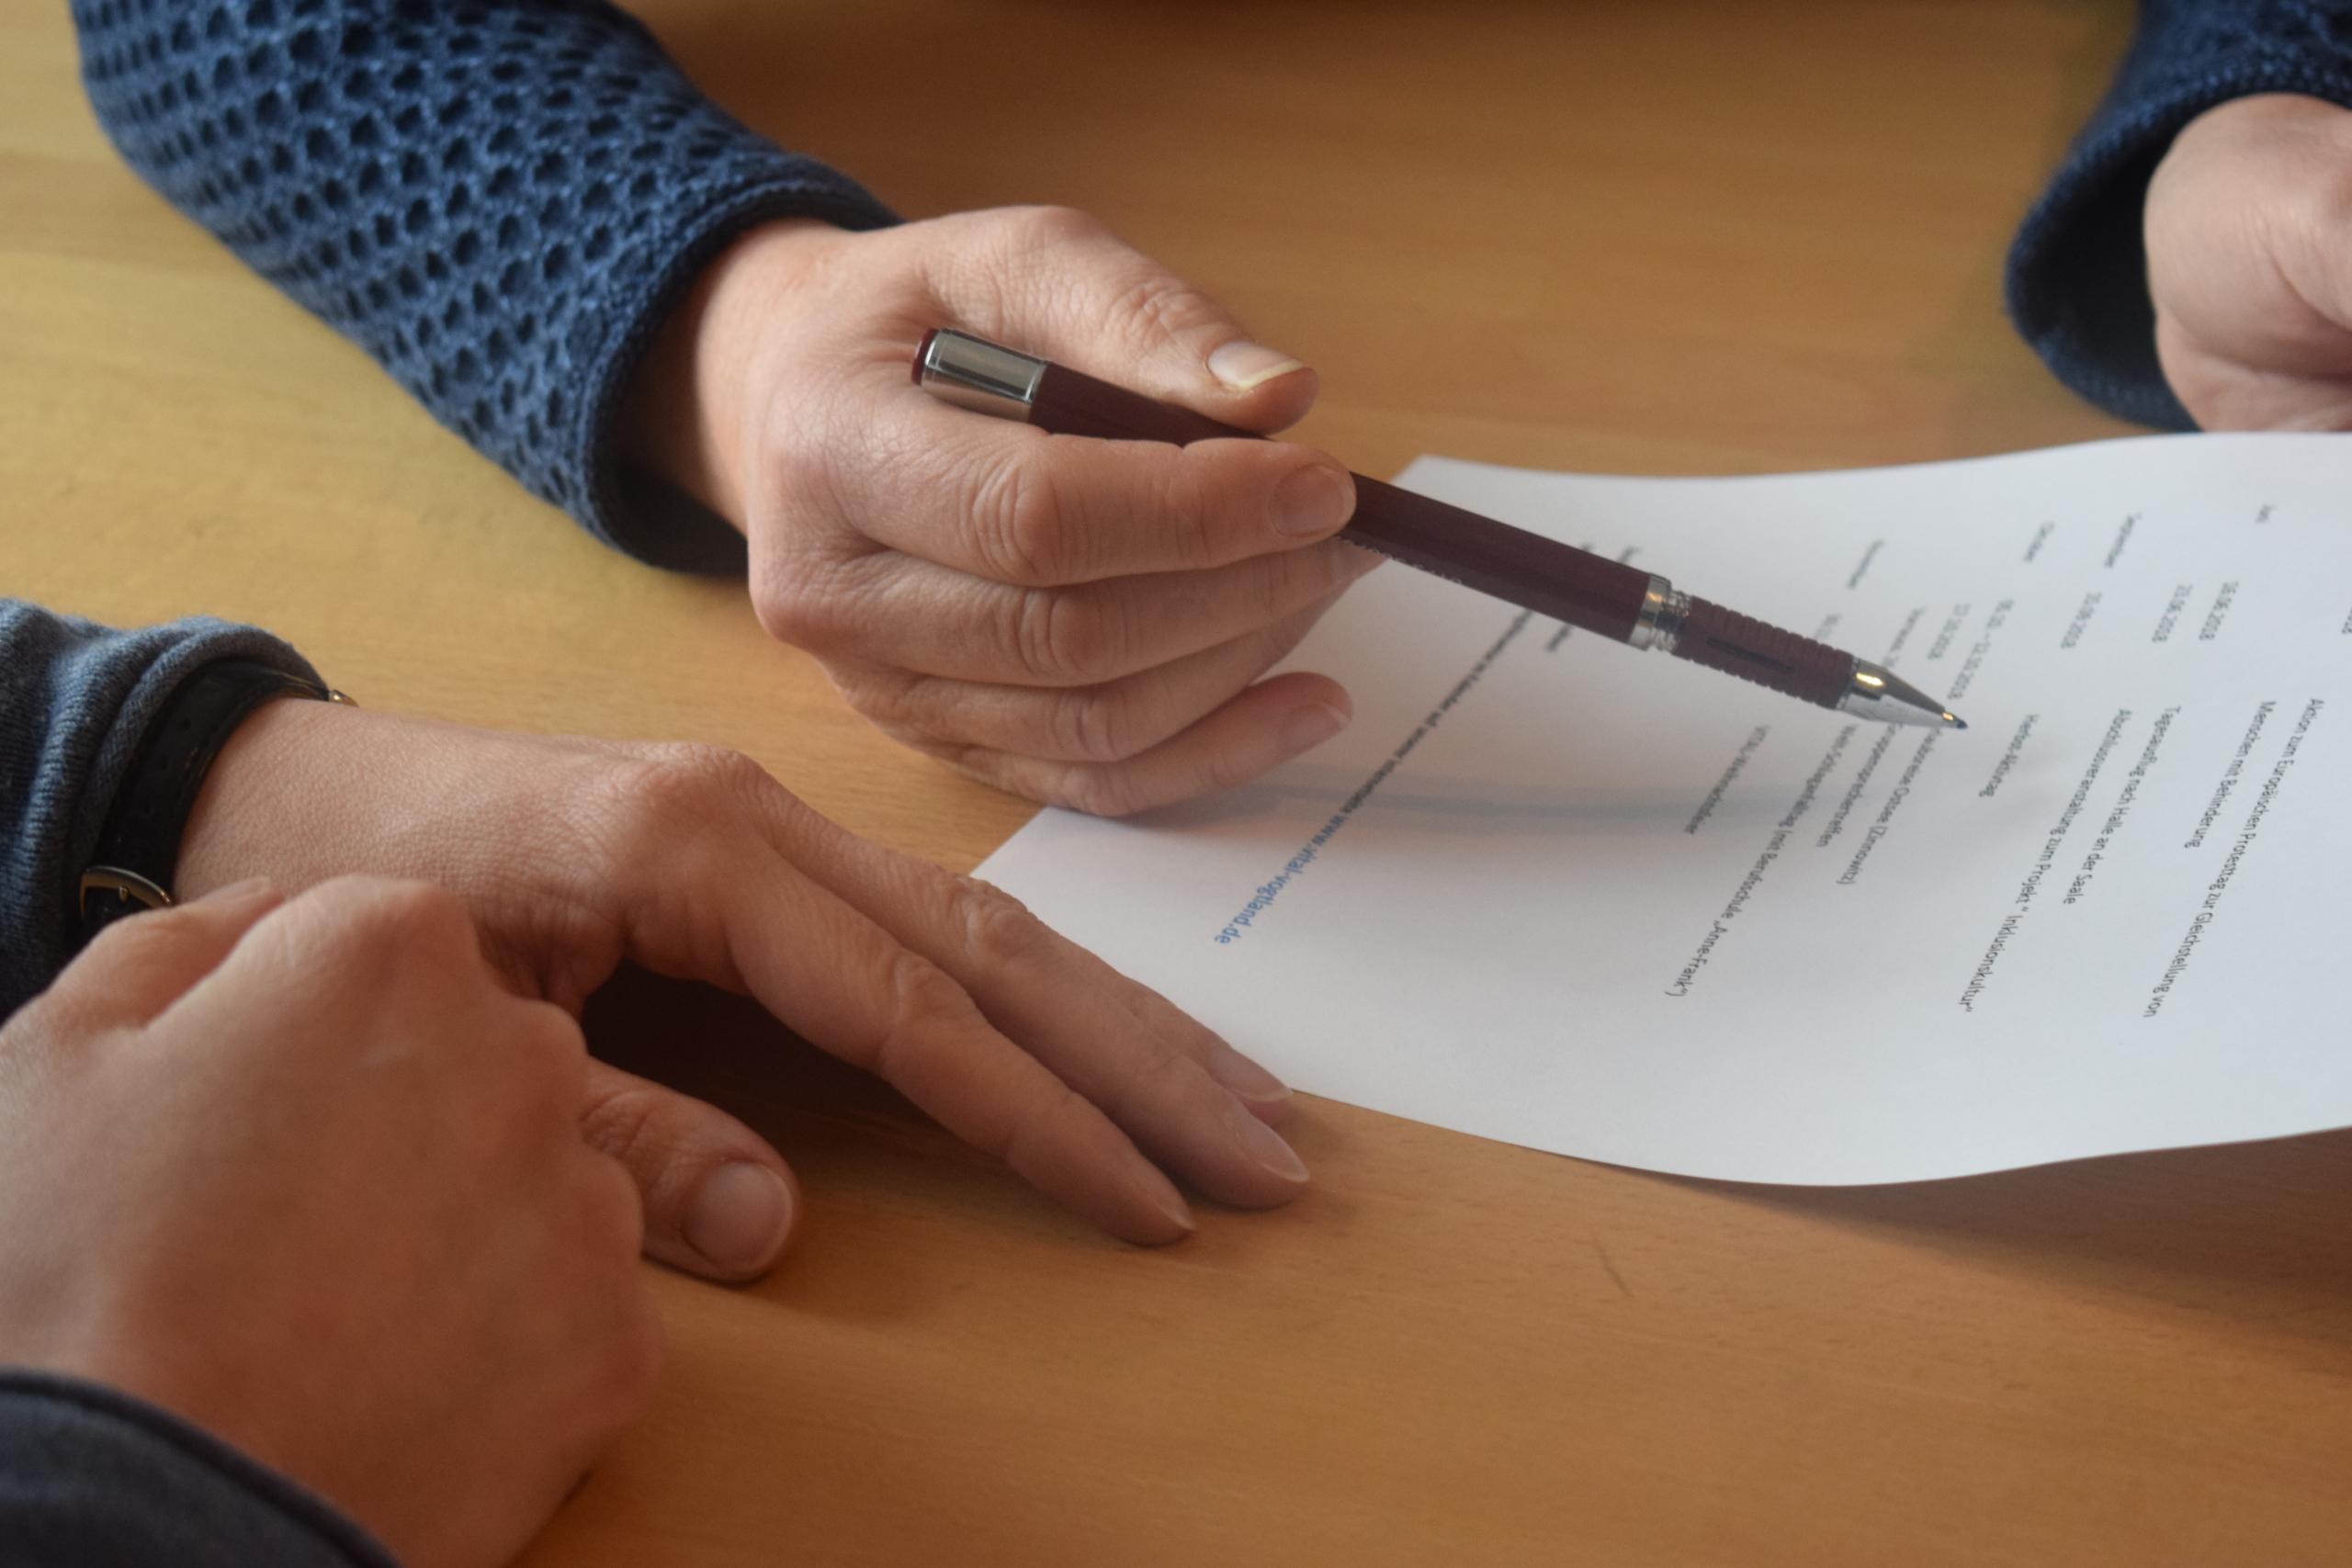 Die Hand der Beraterin deutet mit einem Stift auf ein Formular.